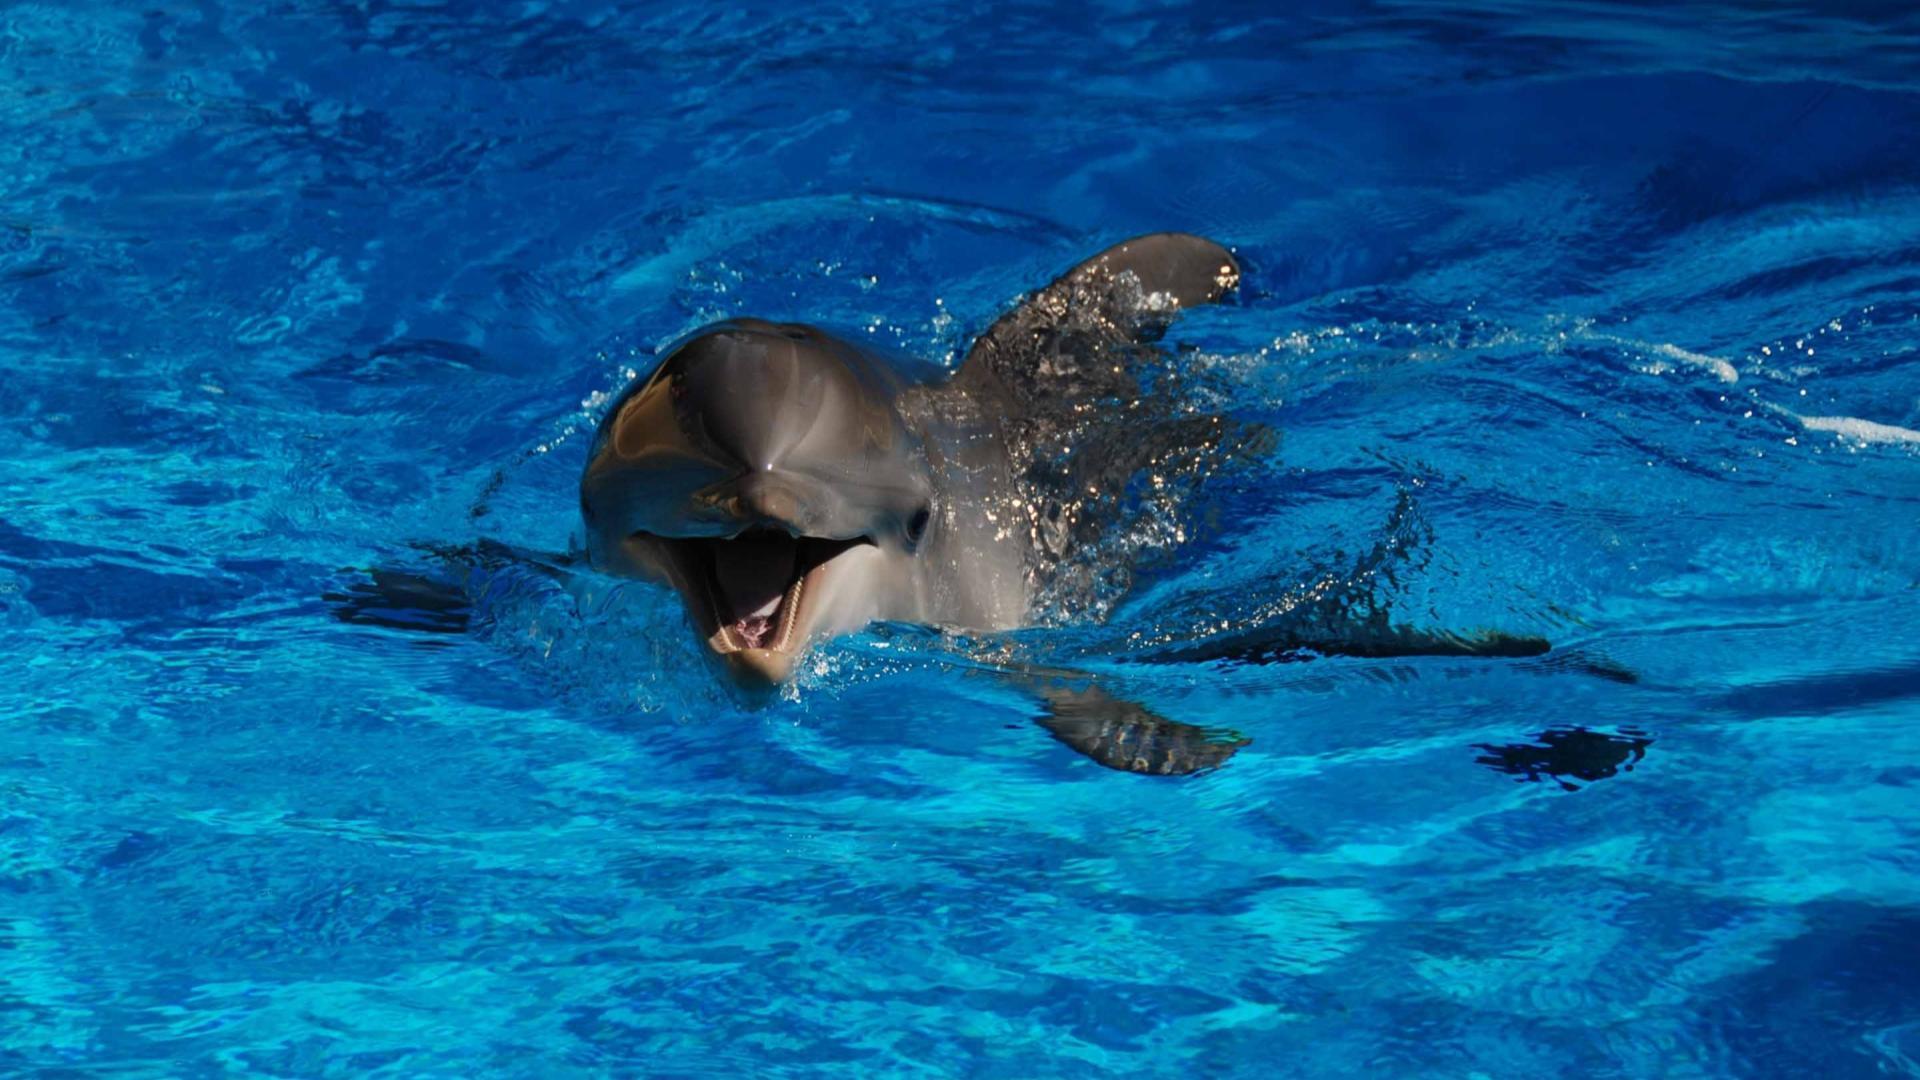 фото дельфинов для рабочего стола неприятно становится